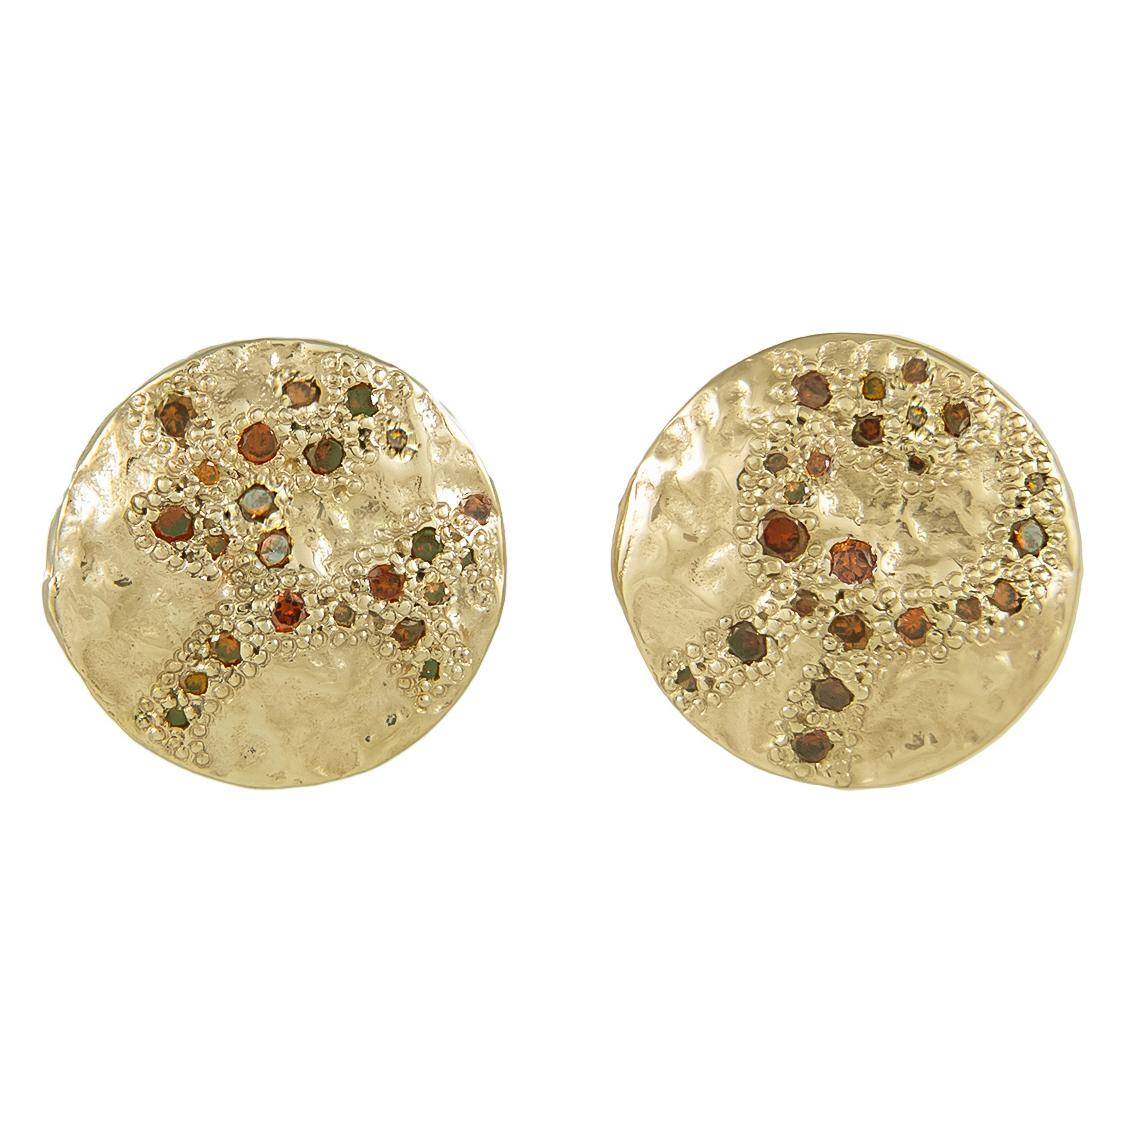 XXXV LARGE COGNAC DIAMOND SCATTER STUD EARRINGS